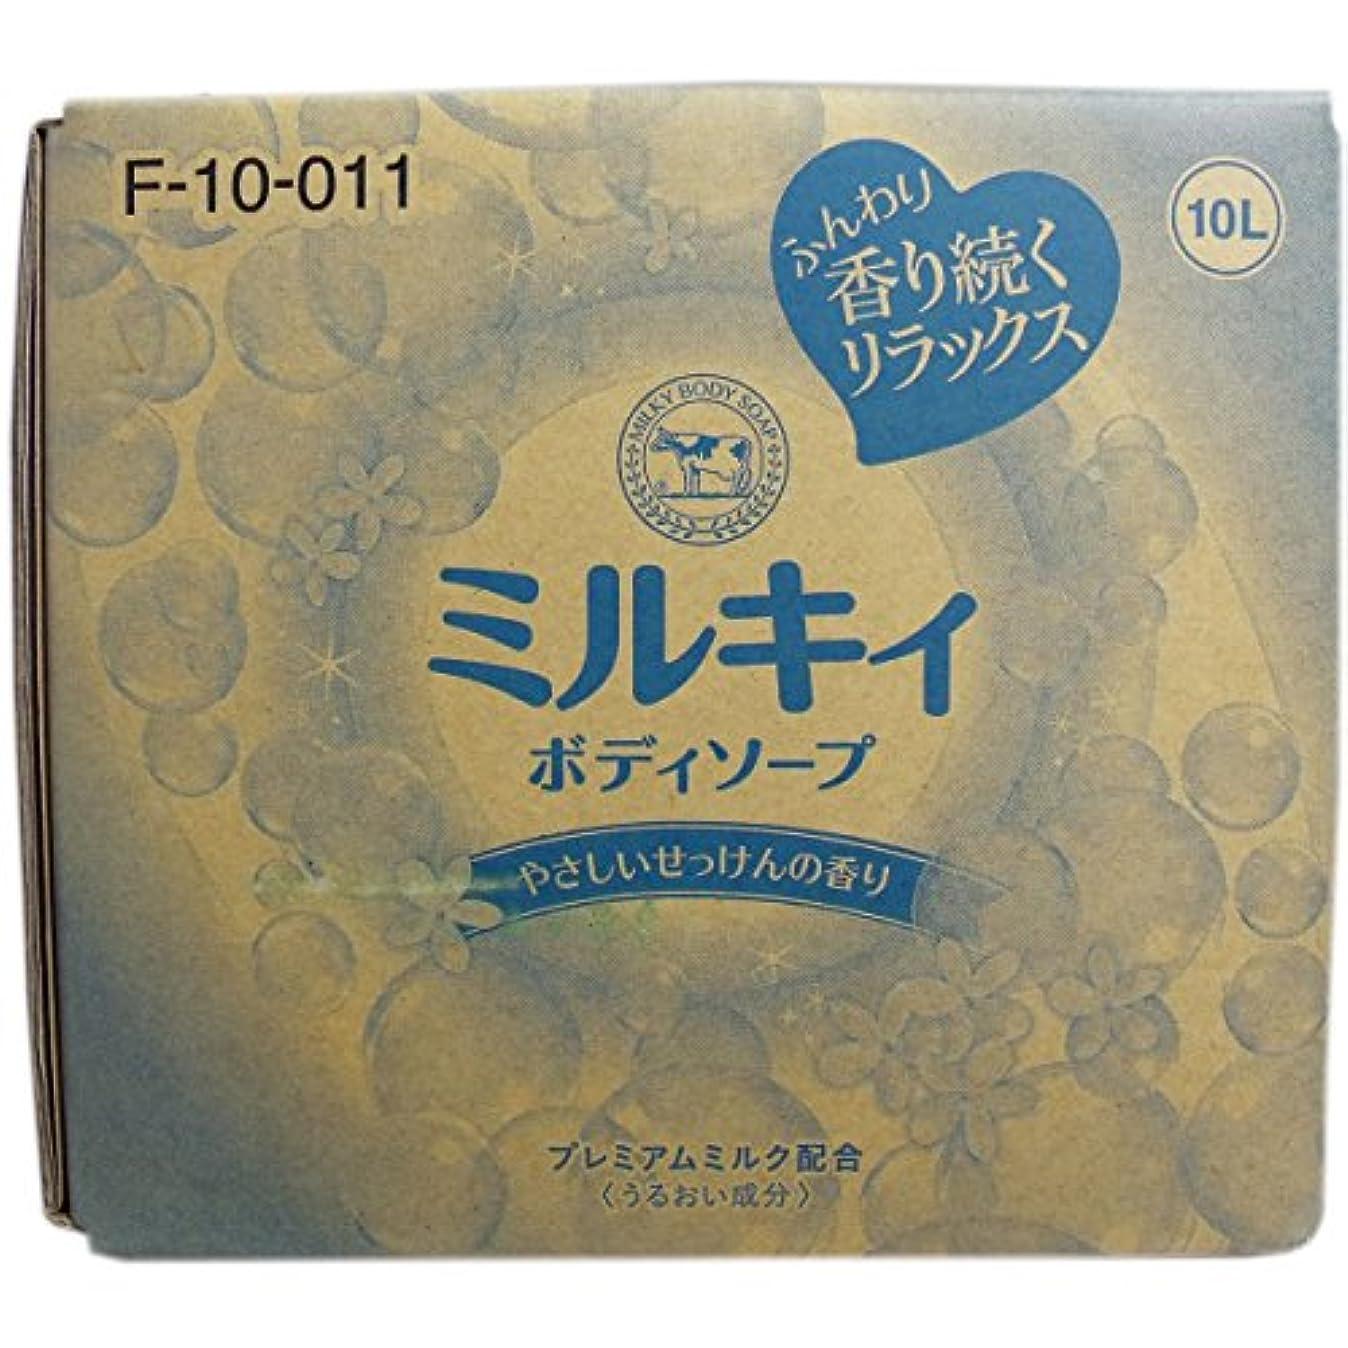 アーティファクト失望加入ミルキィ ボディソープ やさしいせっけんの香り 業務用 10L